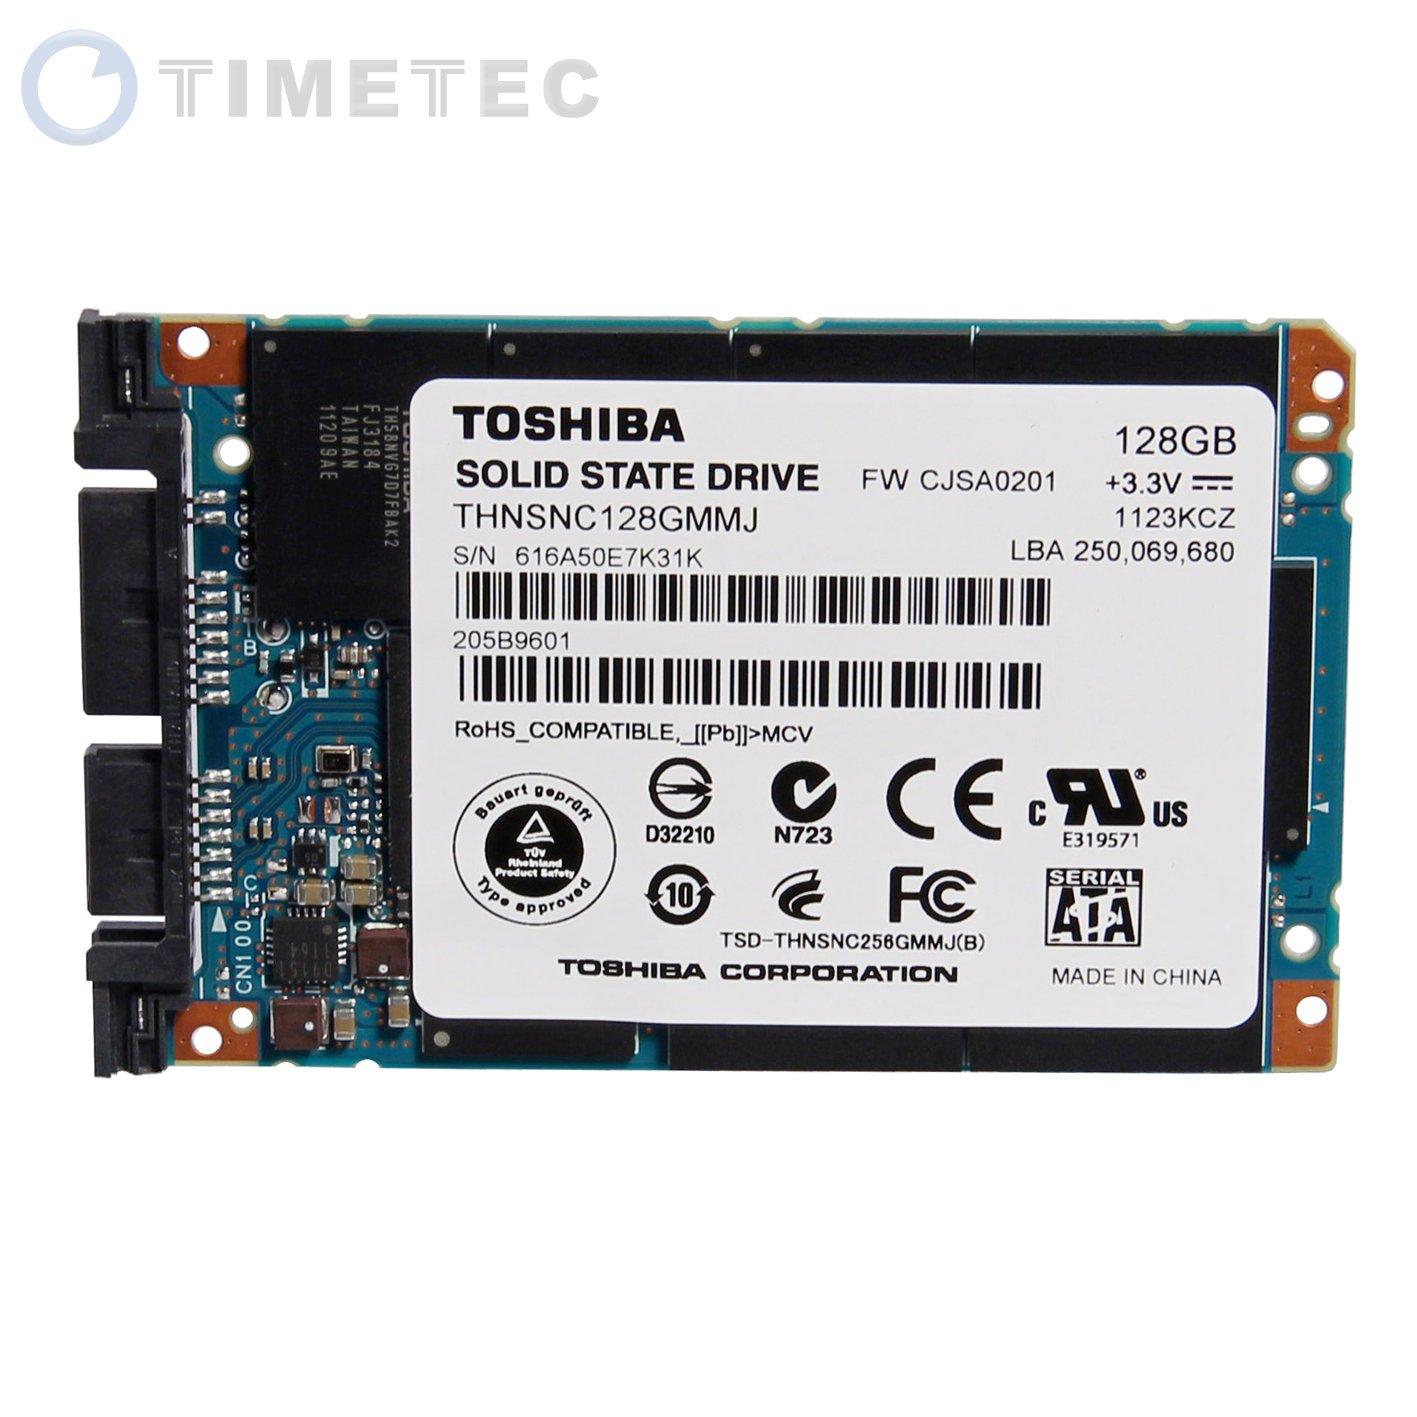 """2012 New Style Original Toshiba 1.8"""" Micro Sata Usata 128gb SSD Solid State Drive Thnsnc128gmmj"""